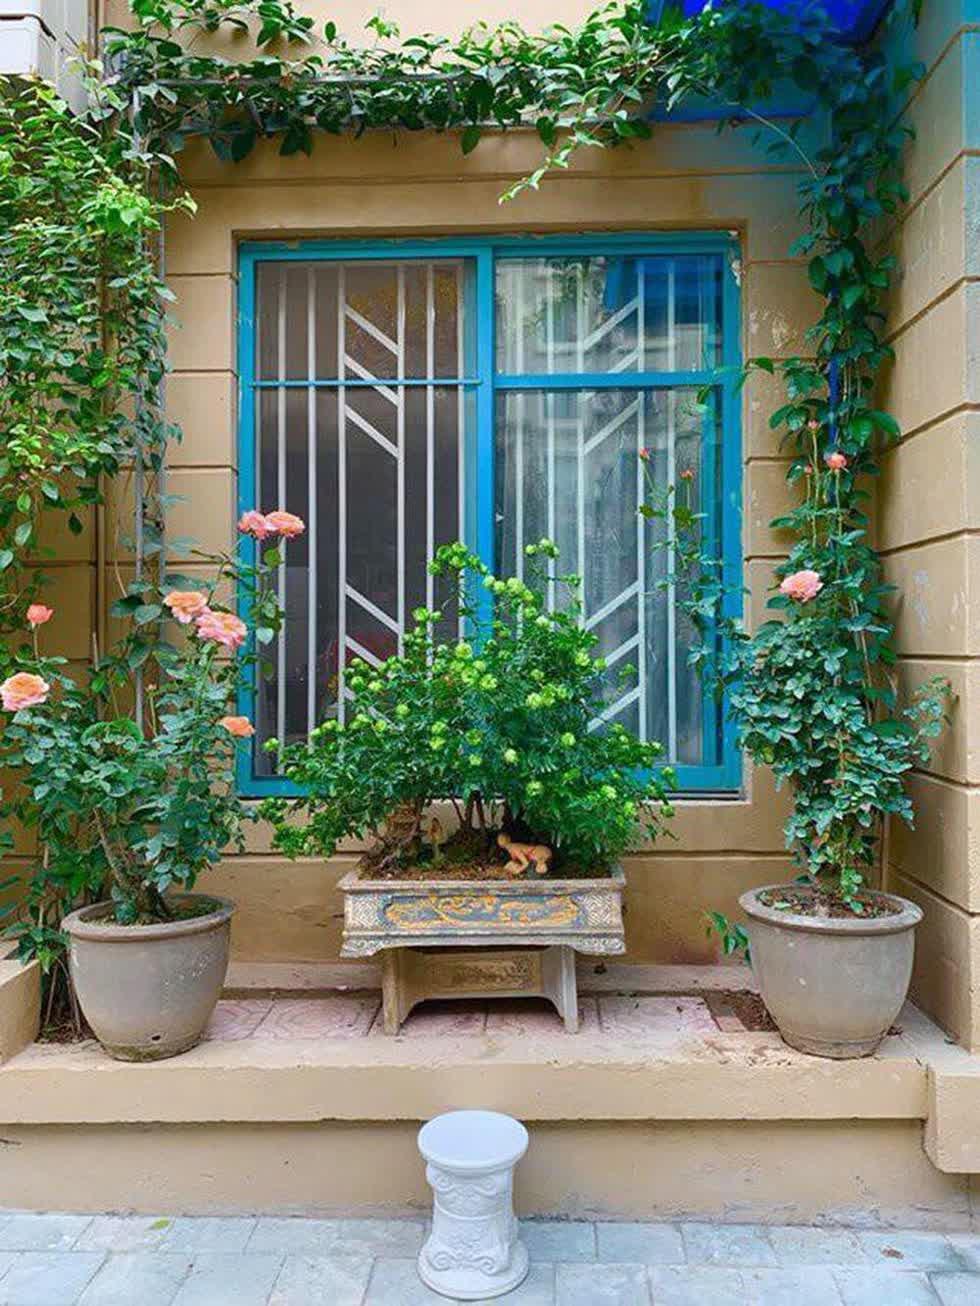 Những chậu cây đặt bên cửa sổ lúc nhỏ chưa thật sự ảnh hưởng tới khả năng đón sáng của căn phòng. Nhưng khi trưởng thành, cây xanh có thể cản trở một lượng lớn sáng tiến vào trong phòng.